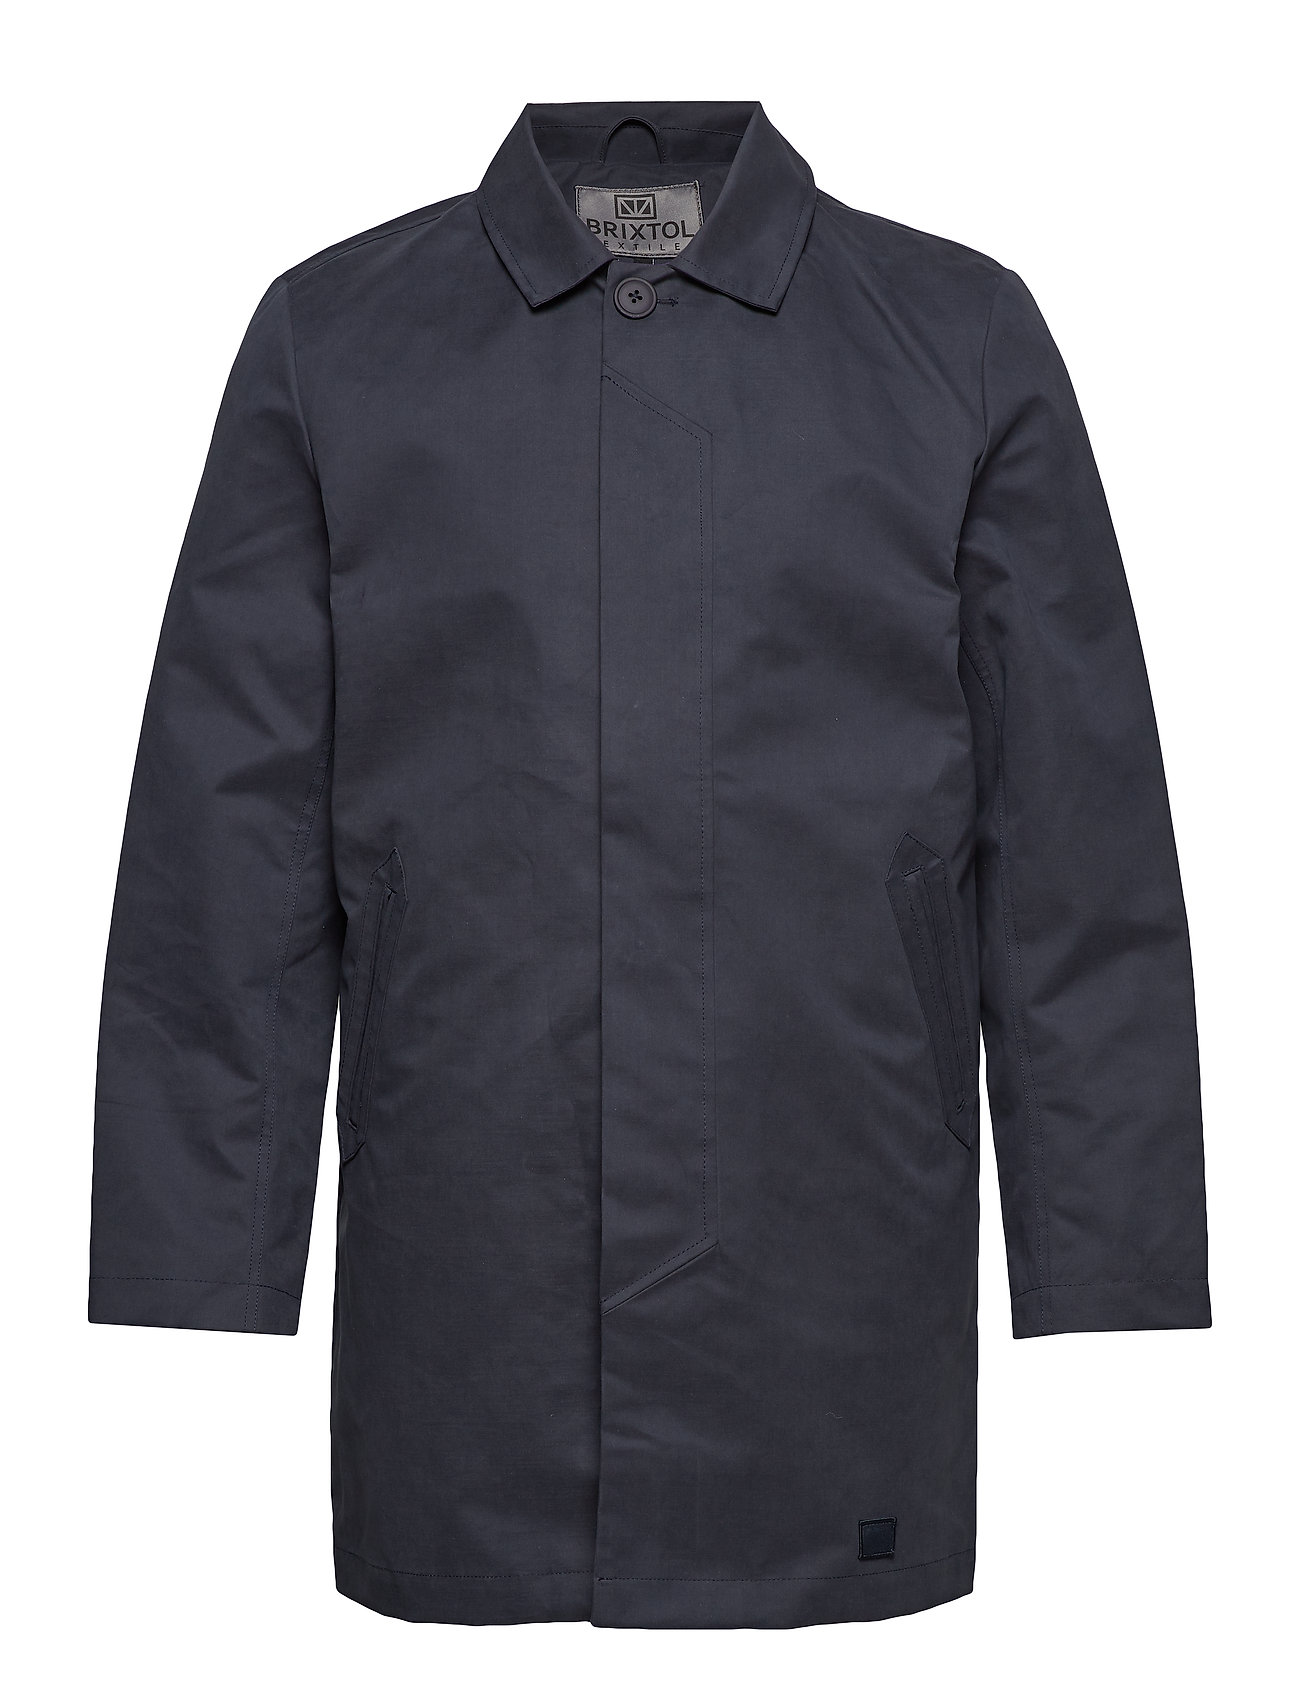 Brixtol Textiles T-Coat - DARK NAVY